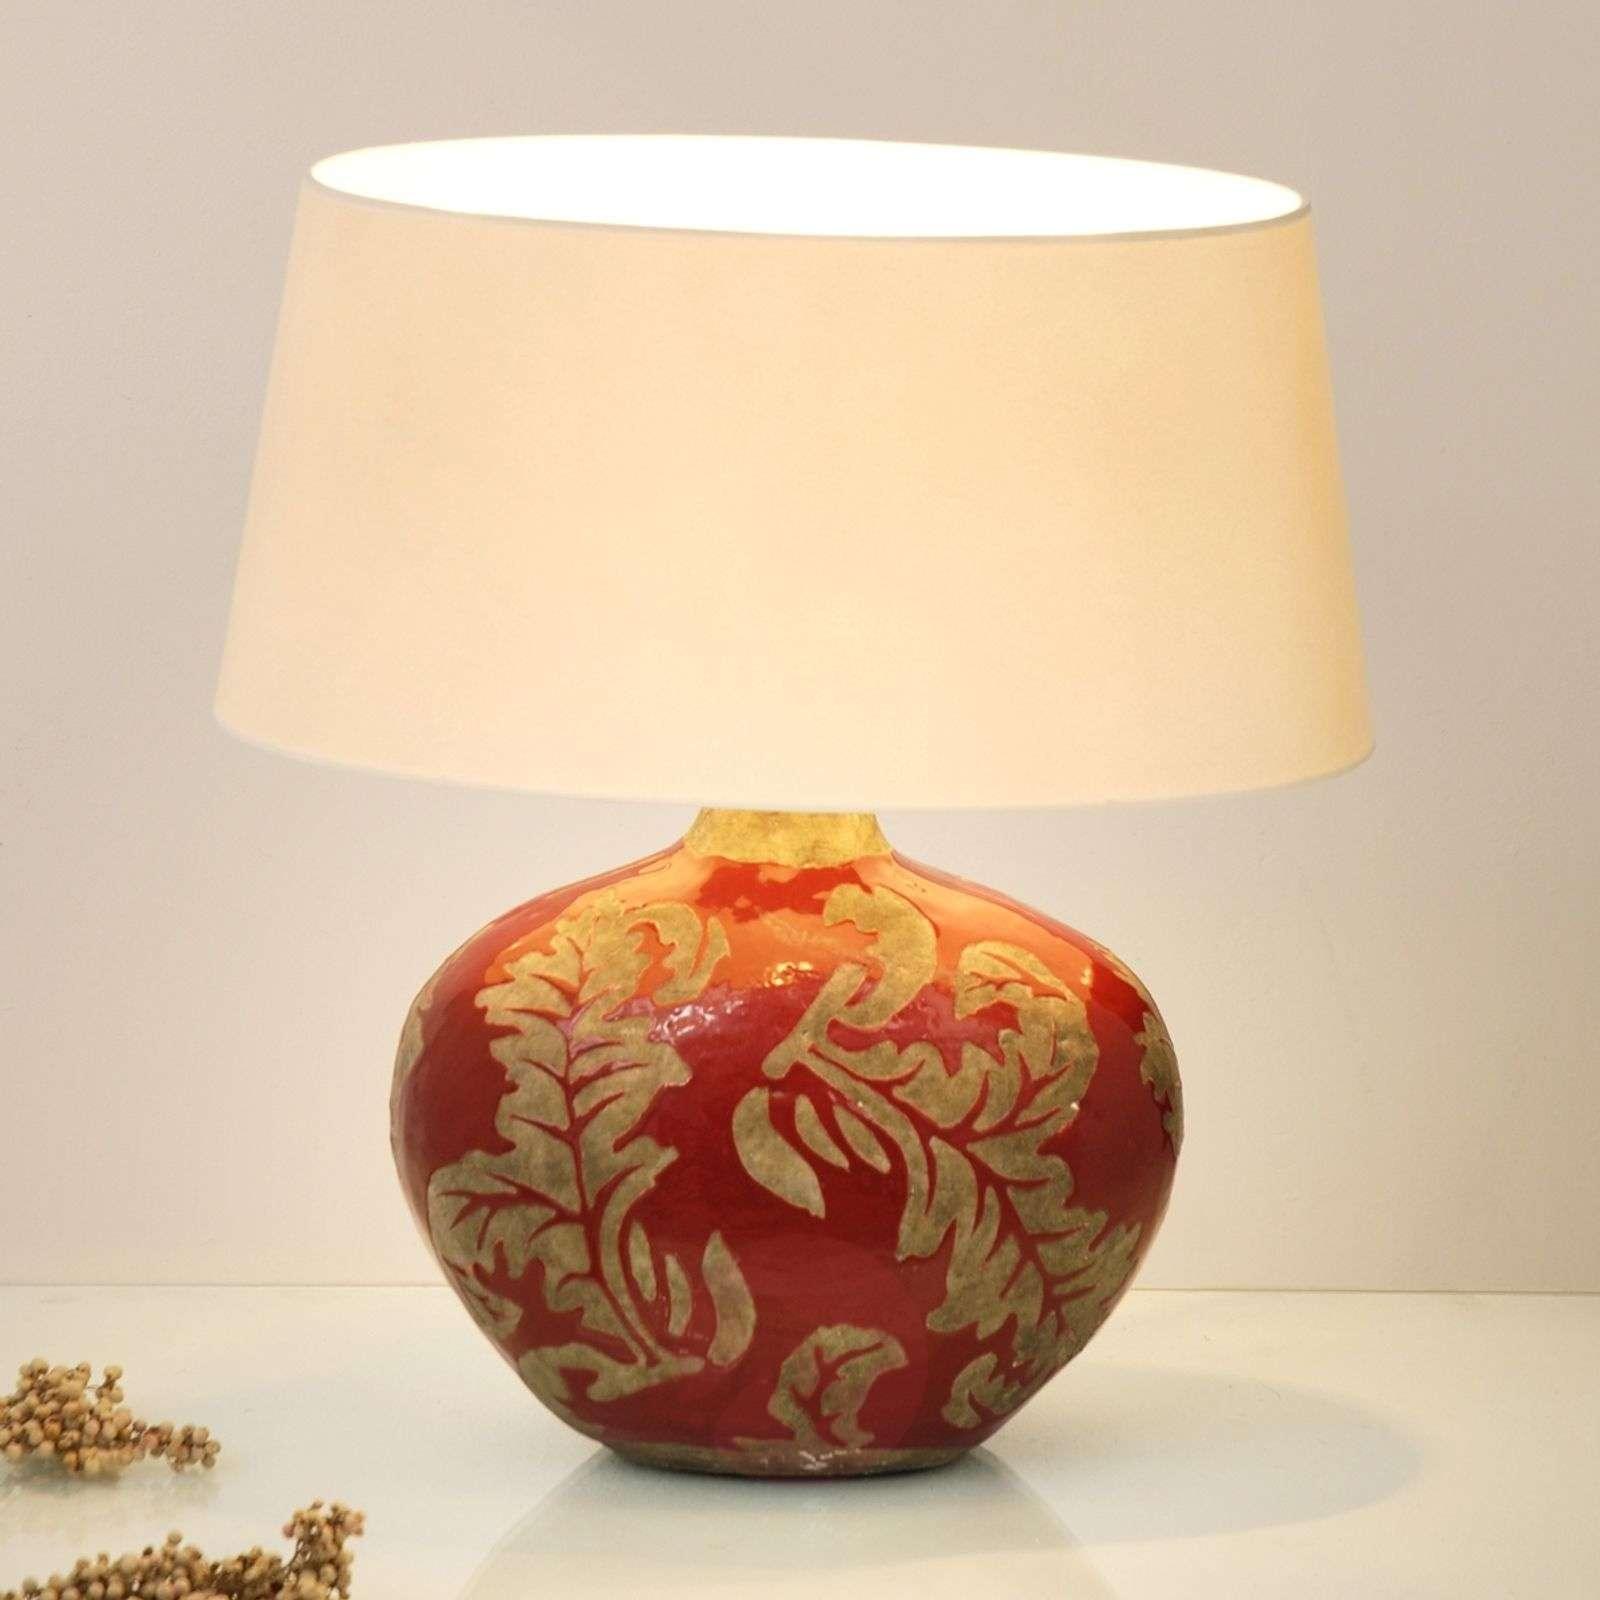 Toulouse-pöytävalaisin ovaali, 43 cm, punainen-4512291-01